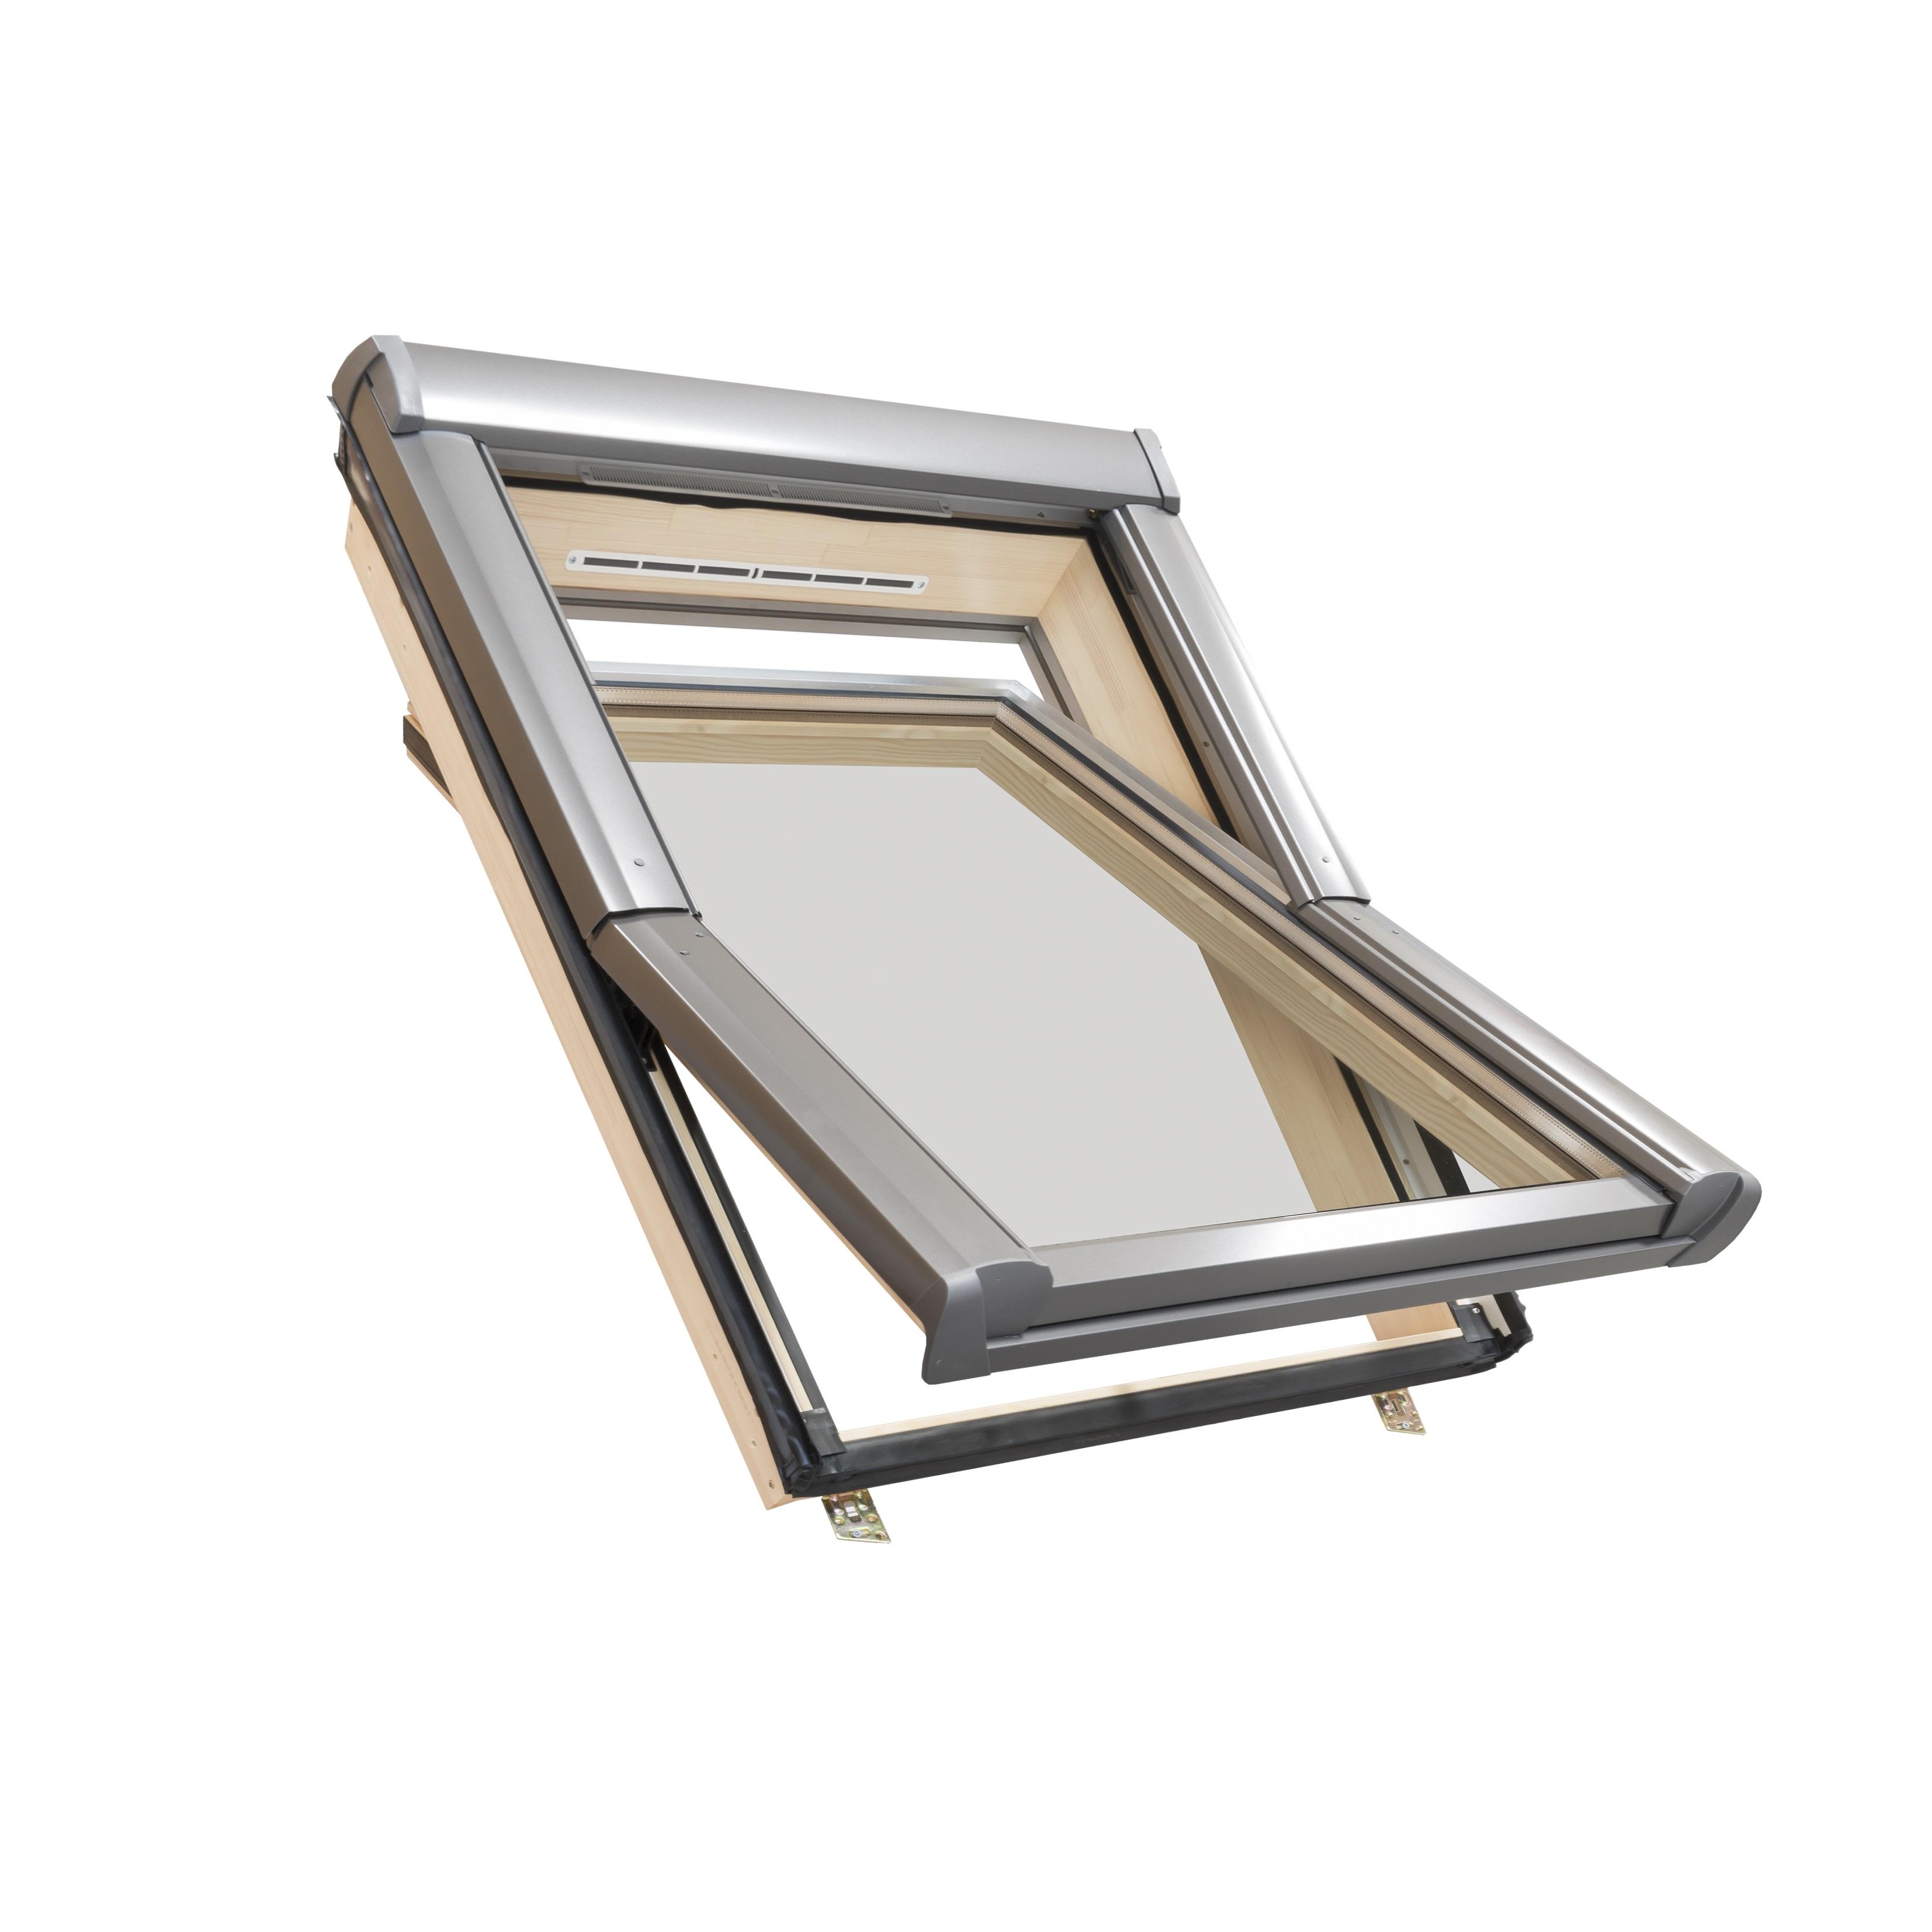 Bekannt Roto Dachfenster aus Holz mit Eindeckrahmen HE48